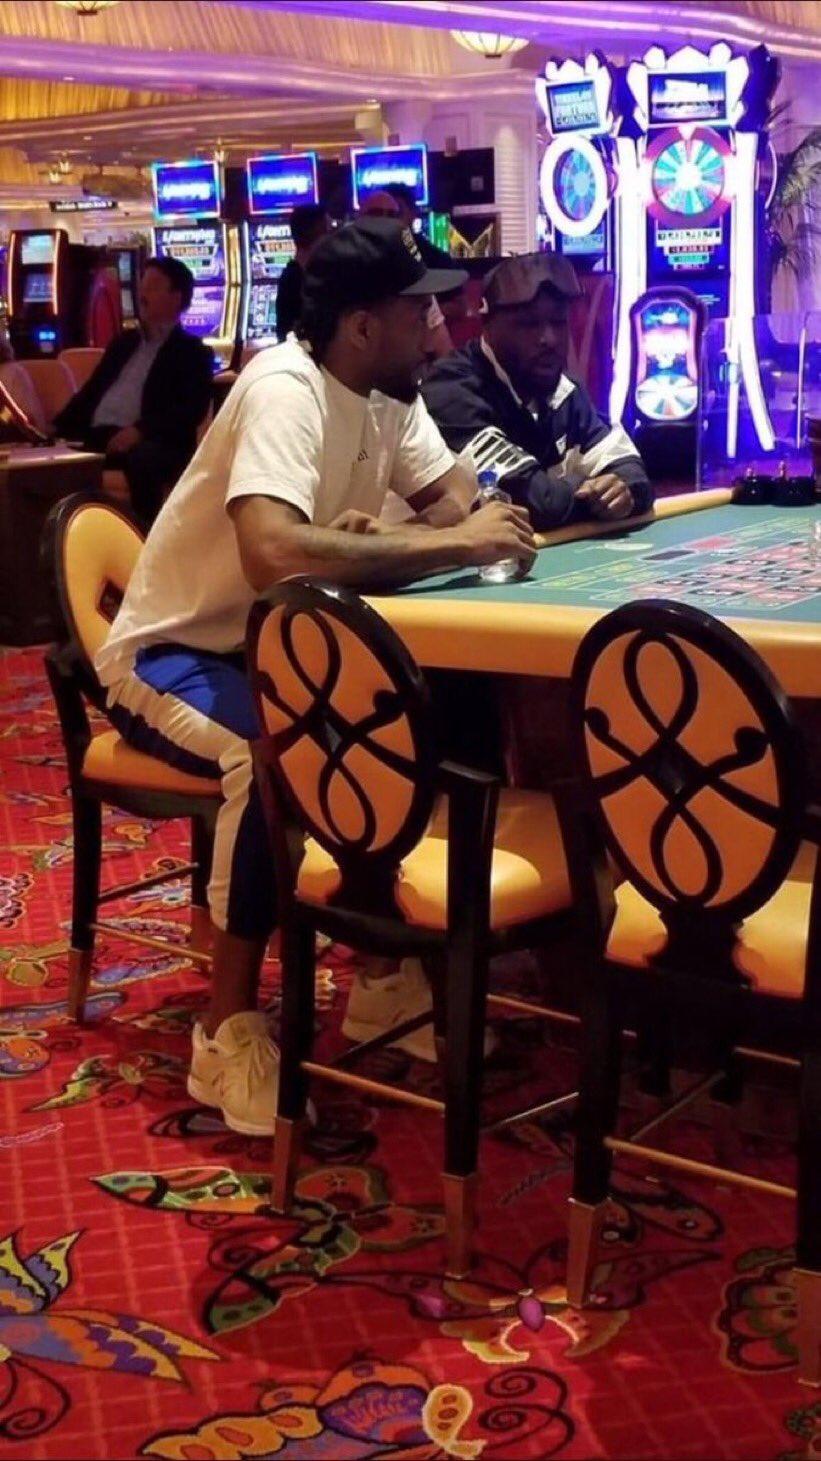 伦纳德和队友在赌城玩耍,随后乘坐Drake专机回多伦多